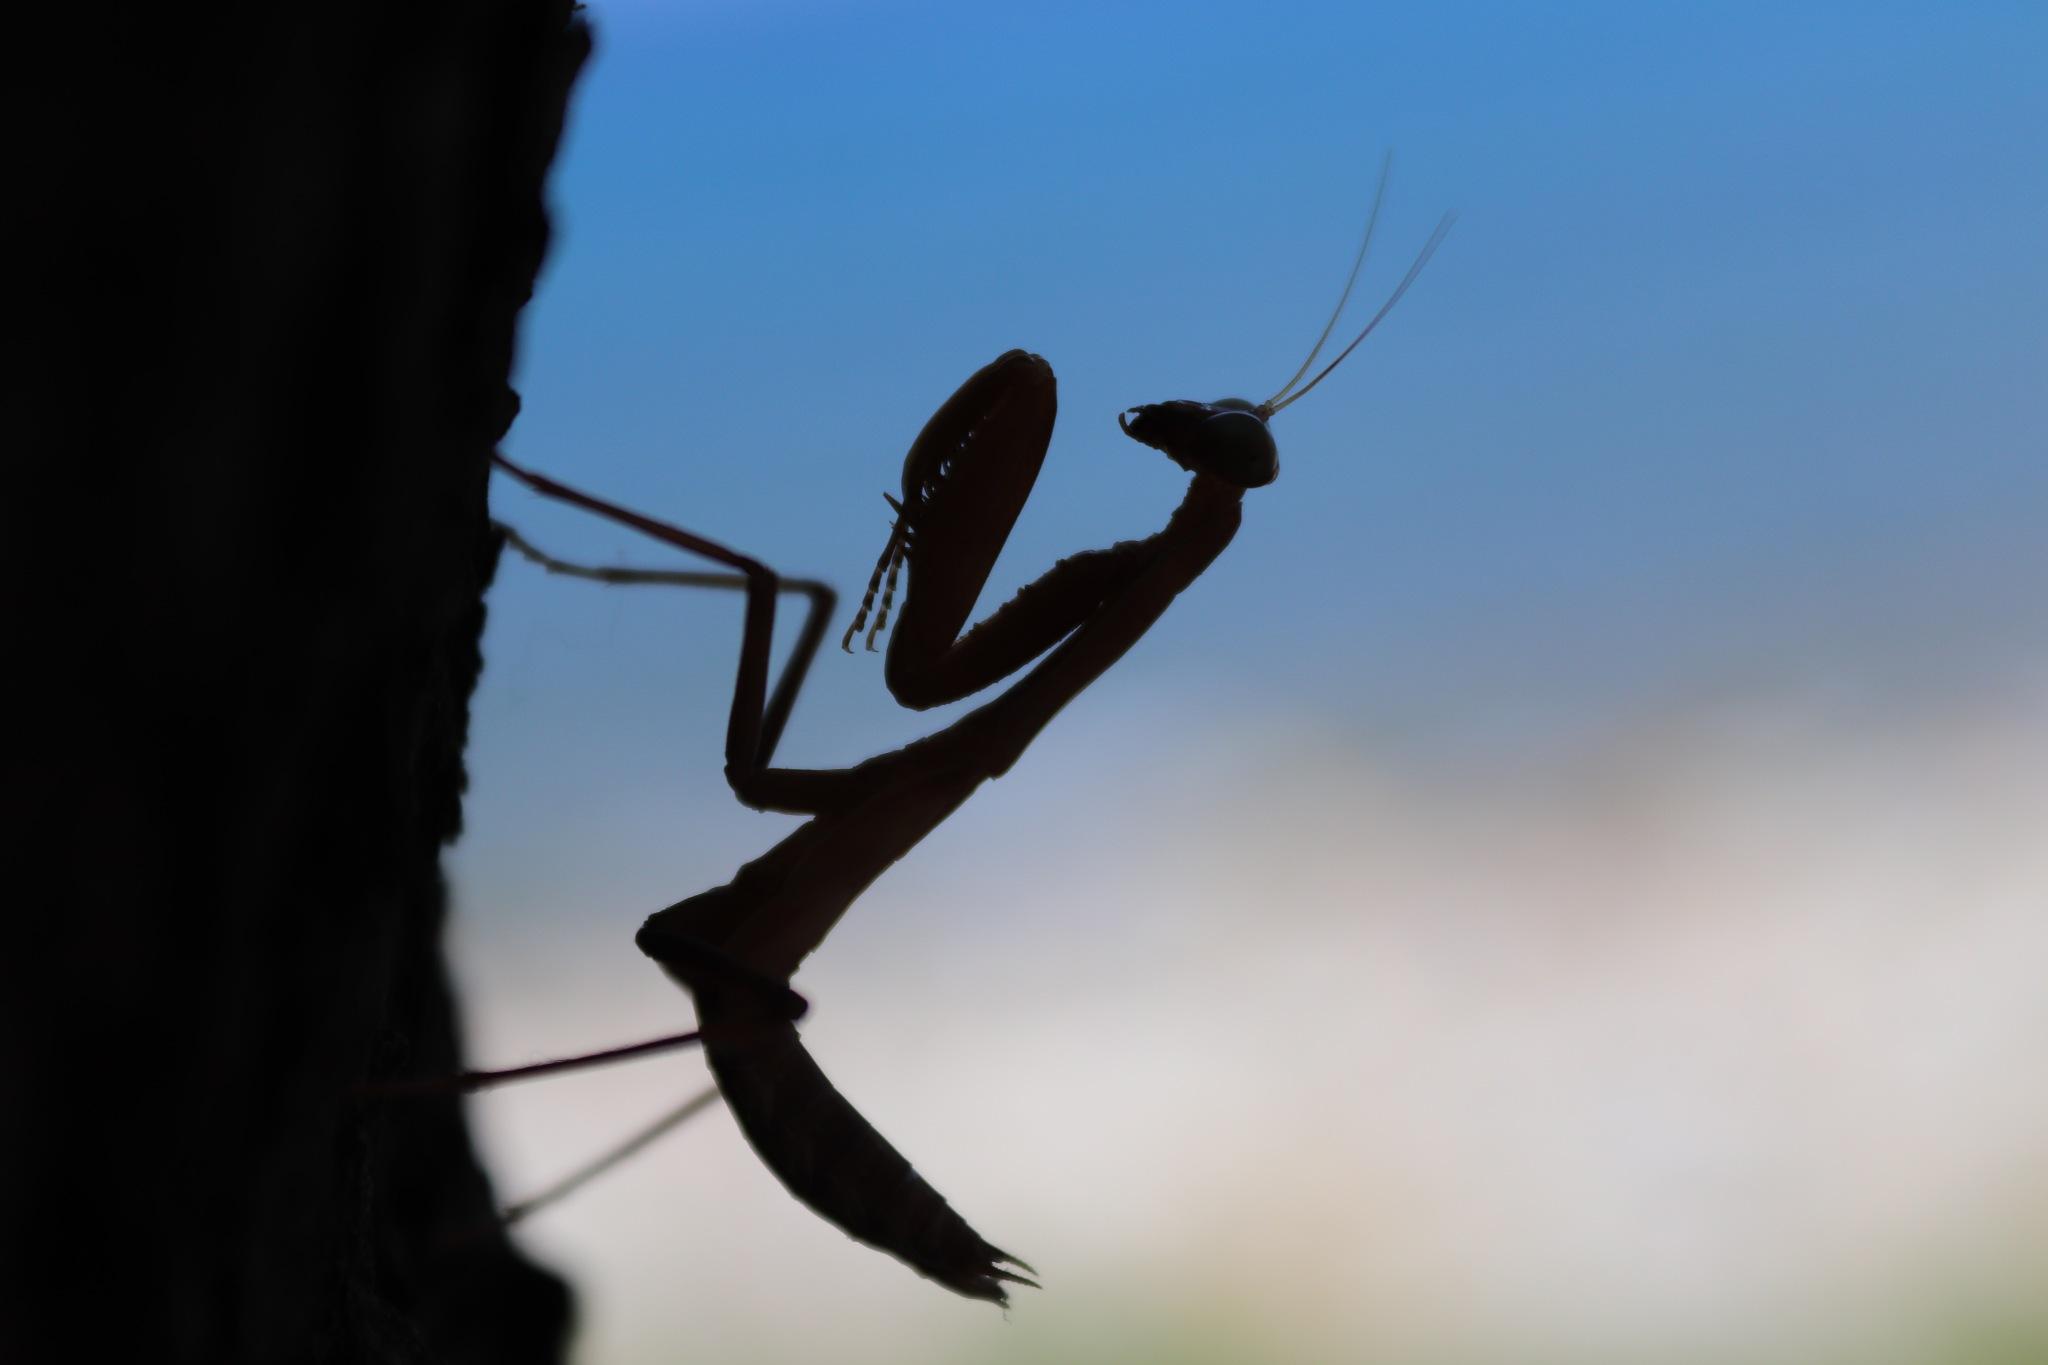 Mantis shadow by Andreea-Cristiana Irimia